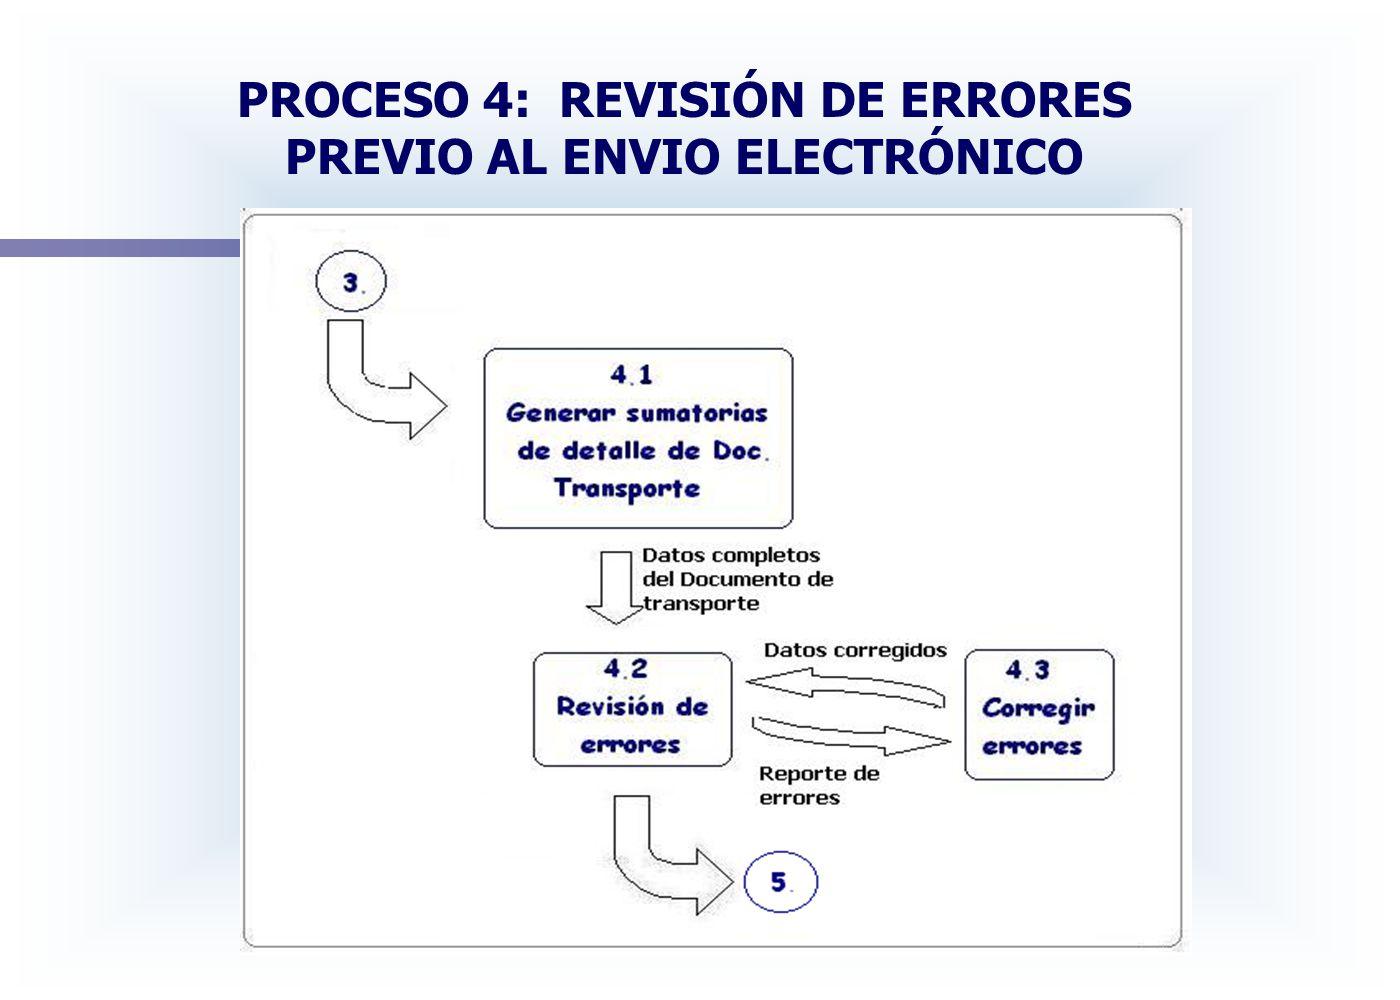 PROCESO 4: REVISIÓN DE ERRORES PREVIO AL ENVIO ELECTRÓNICO